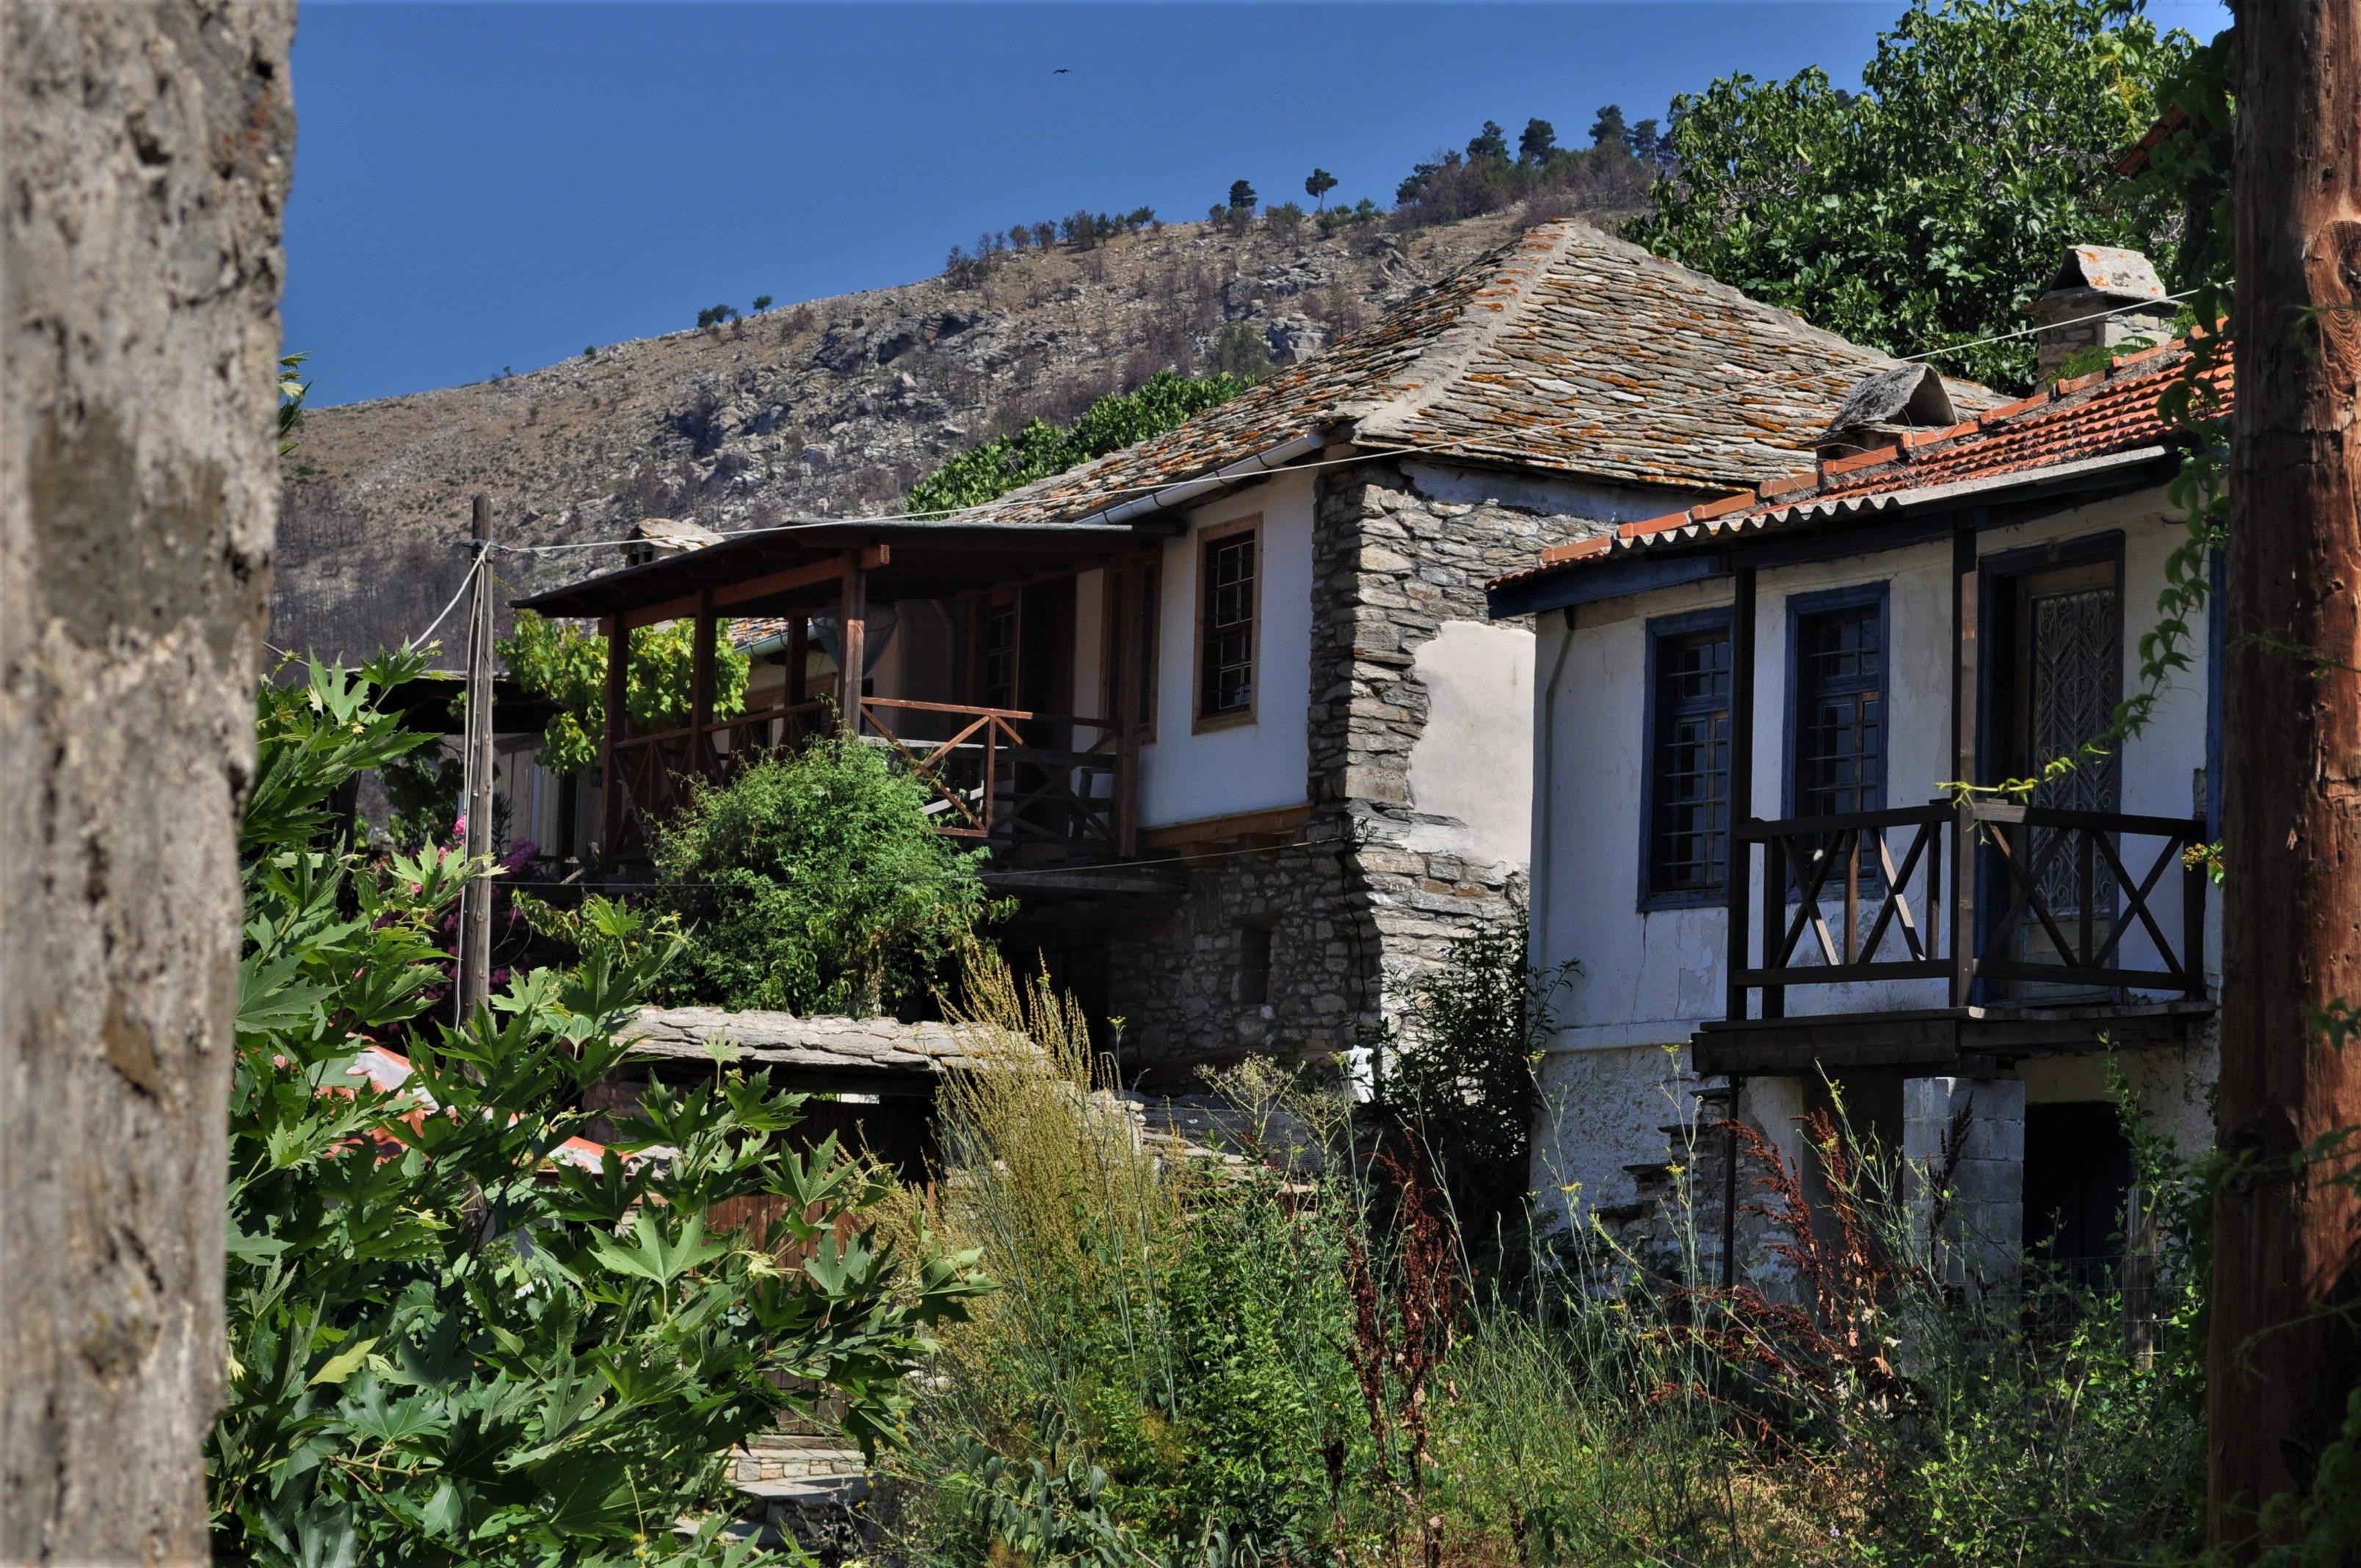 Тук-там откриваме обезлюдени къщи с изтърбушени покриви. Видях и изоставена детска градина. Народът бяга в града или в чужбина. Остават най-вече старите.